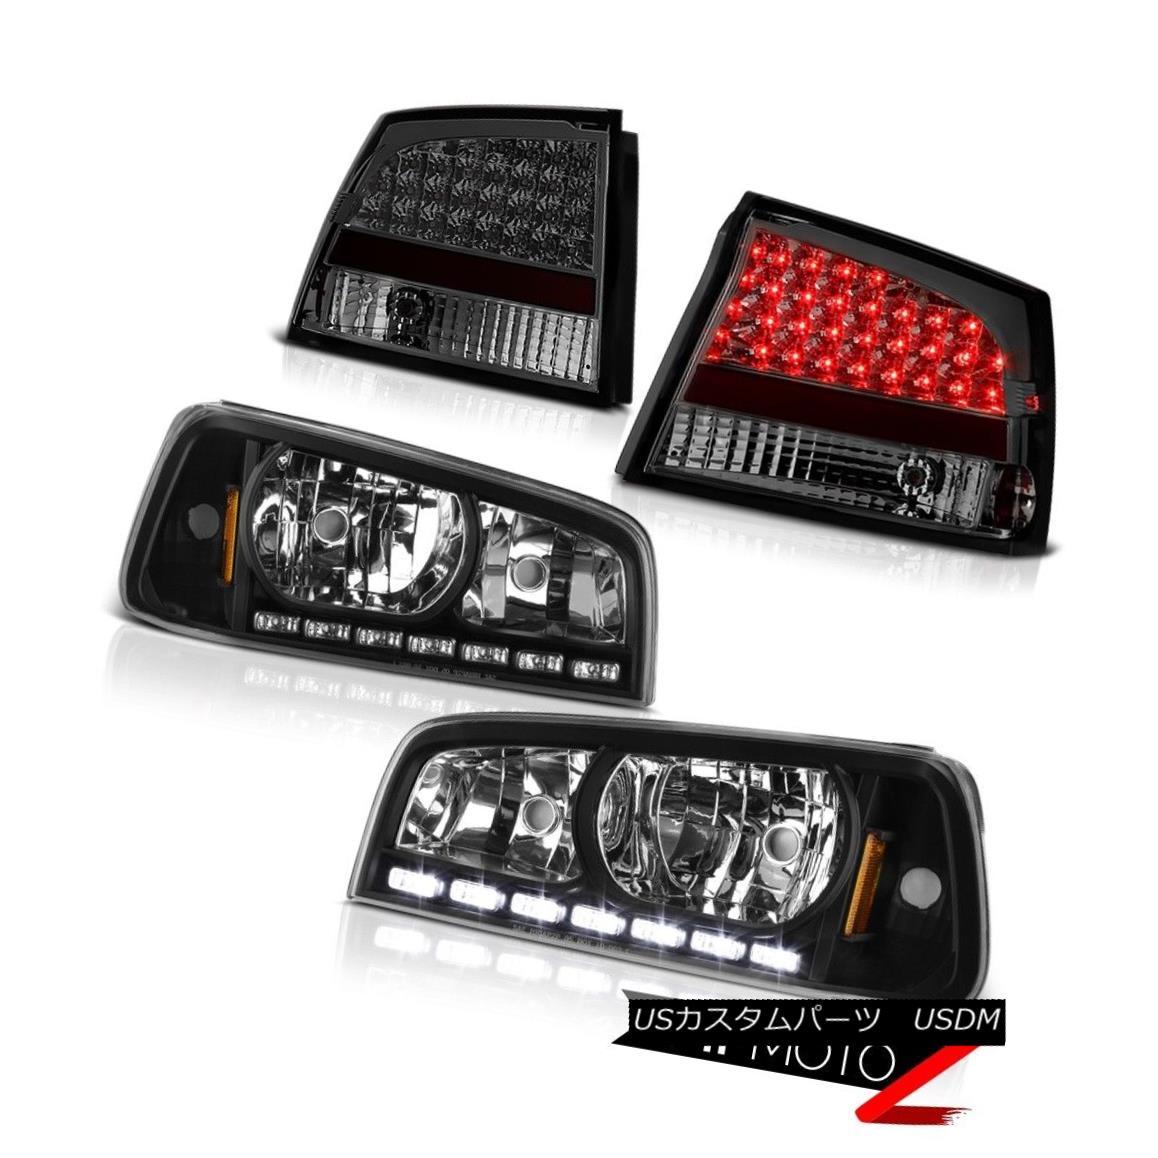 テールライト 09-10 Charger SE [Black] Angel Eye Halos LED Headlights Bulbs Smoke Tail Lights 09-10チャージャーSE [ブラック]エンジェルアイハロスLEDヘッドライト電球煙テールライト